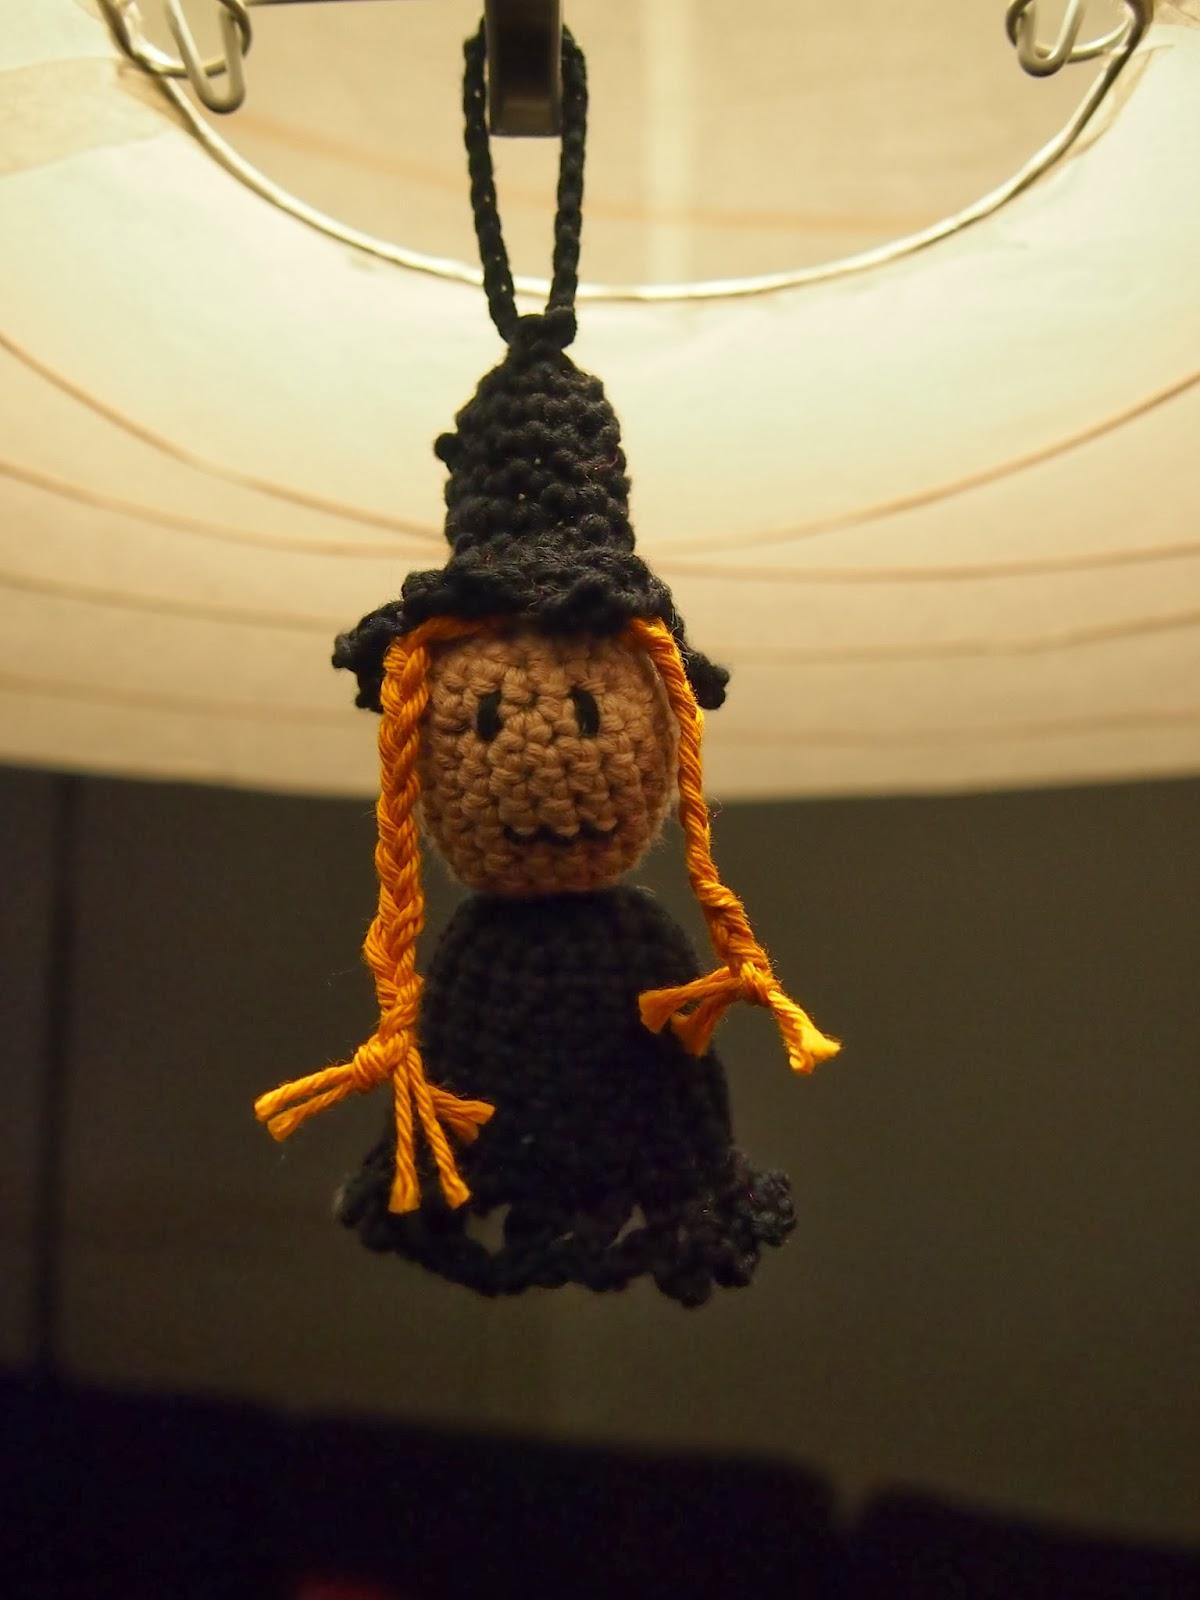 Concours loisirs cr atifs halloween 2013 - Concours loisirs creatifs ...